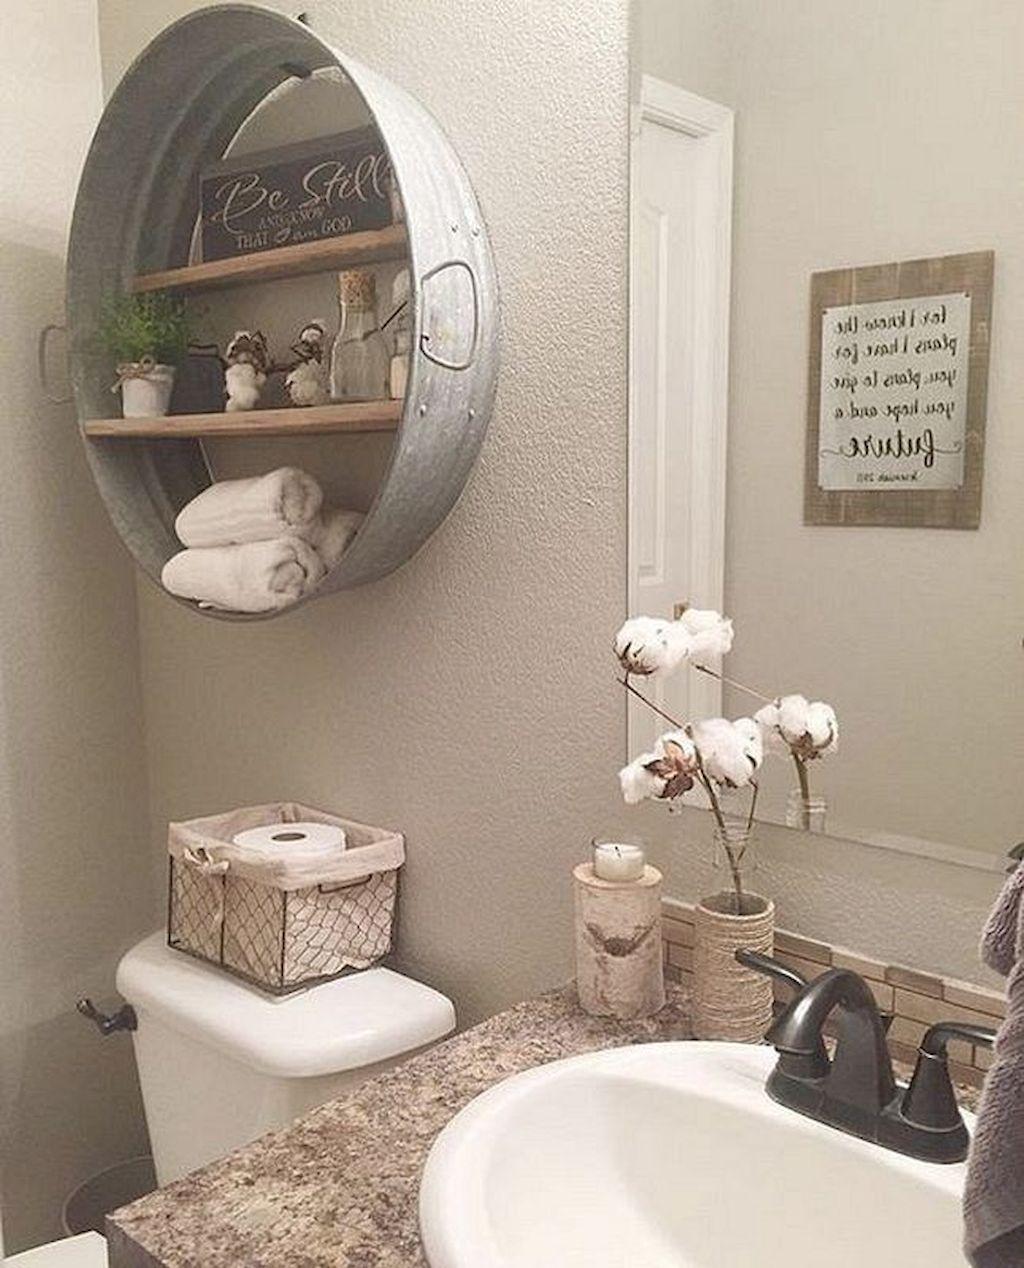 Deco Salle De Bain Diy ~ 35 creative diy rustic farmhouse decor ideas salle de bains tissu